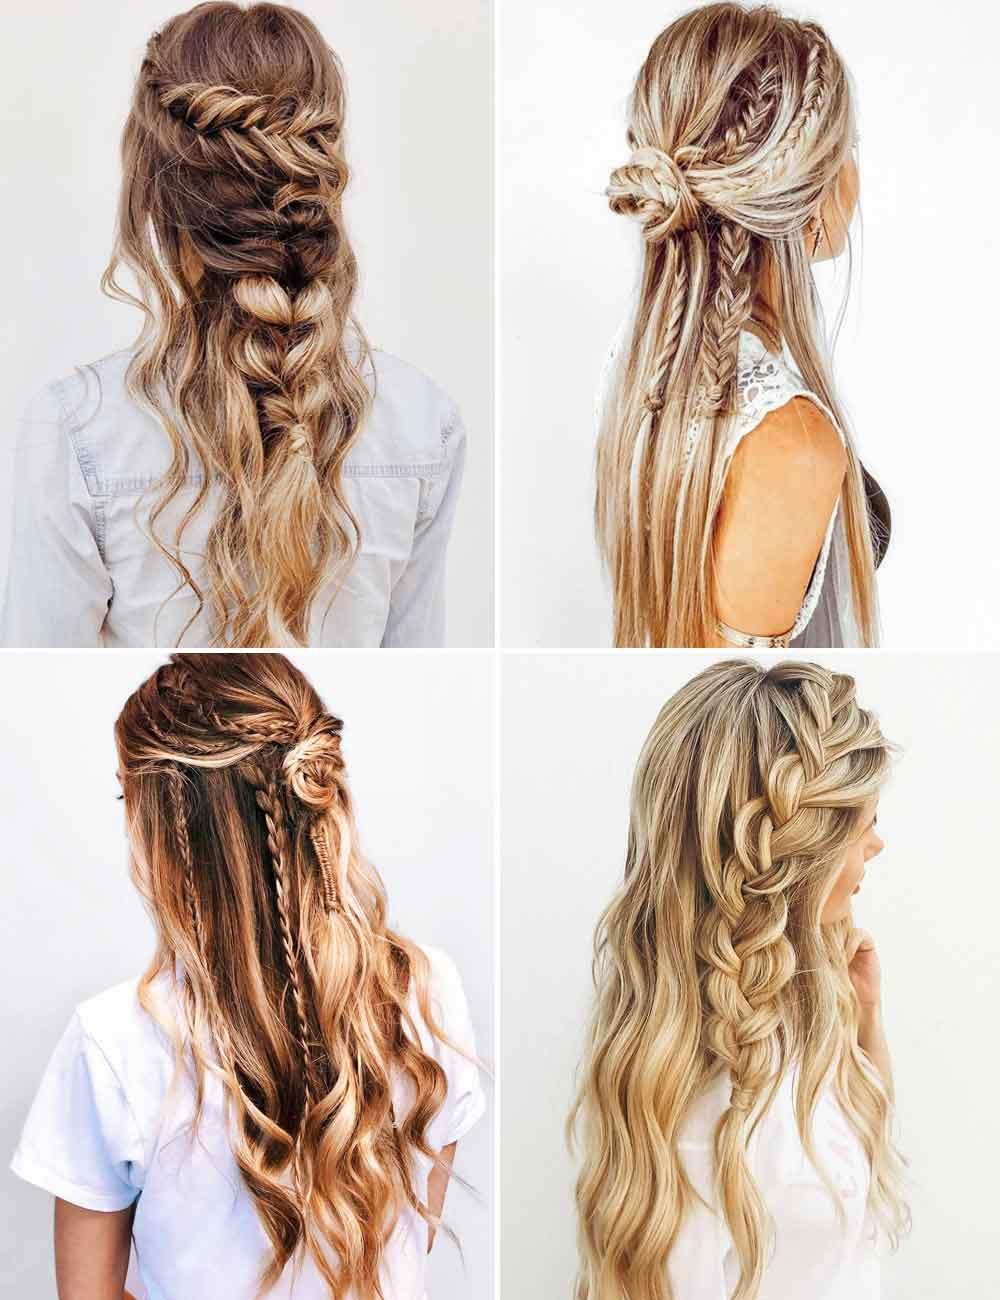 Peinados de verano trenzas 2021